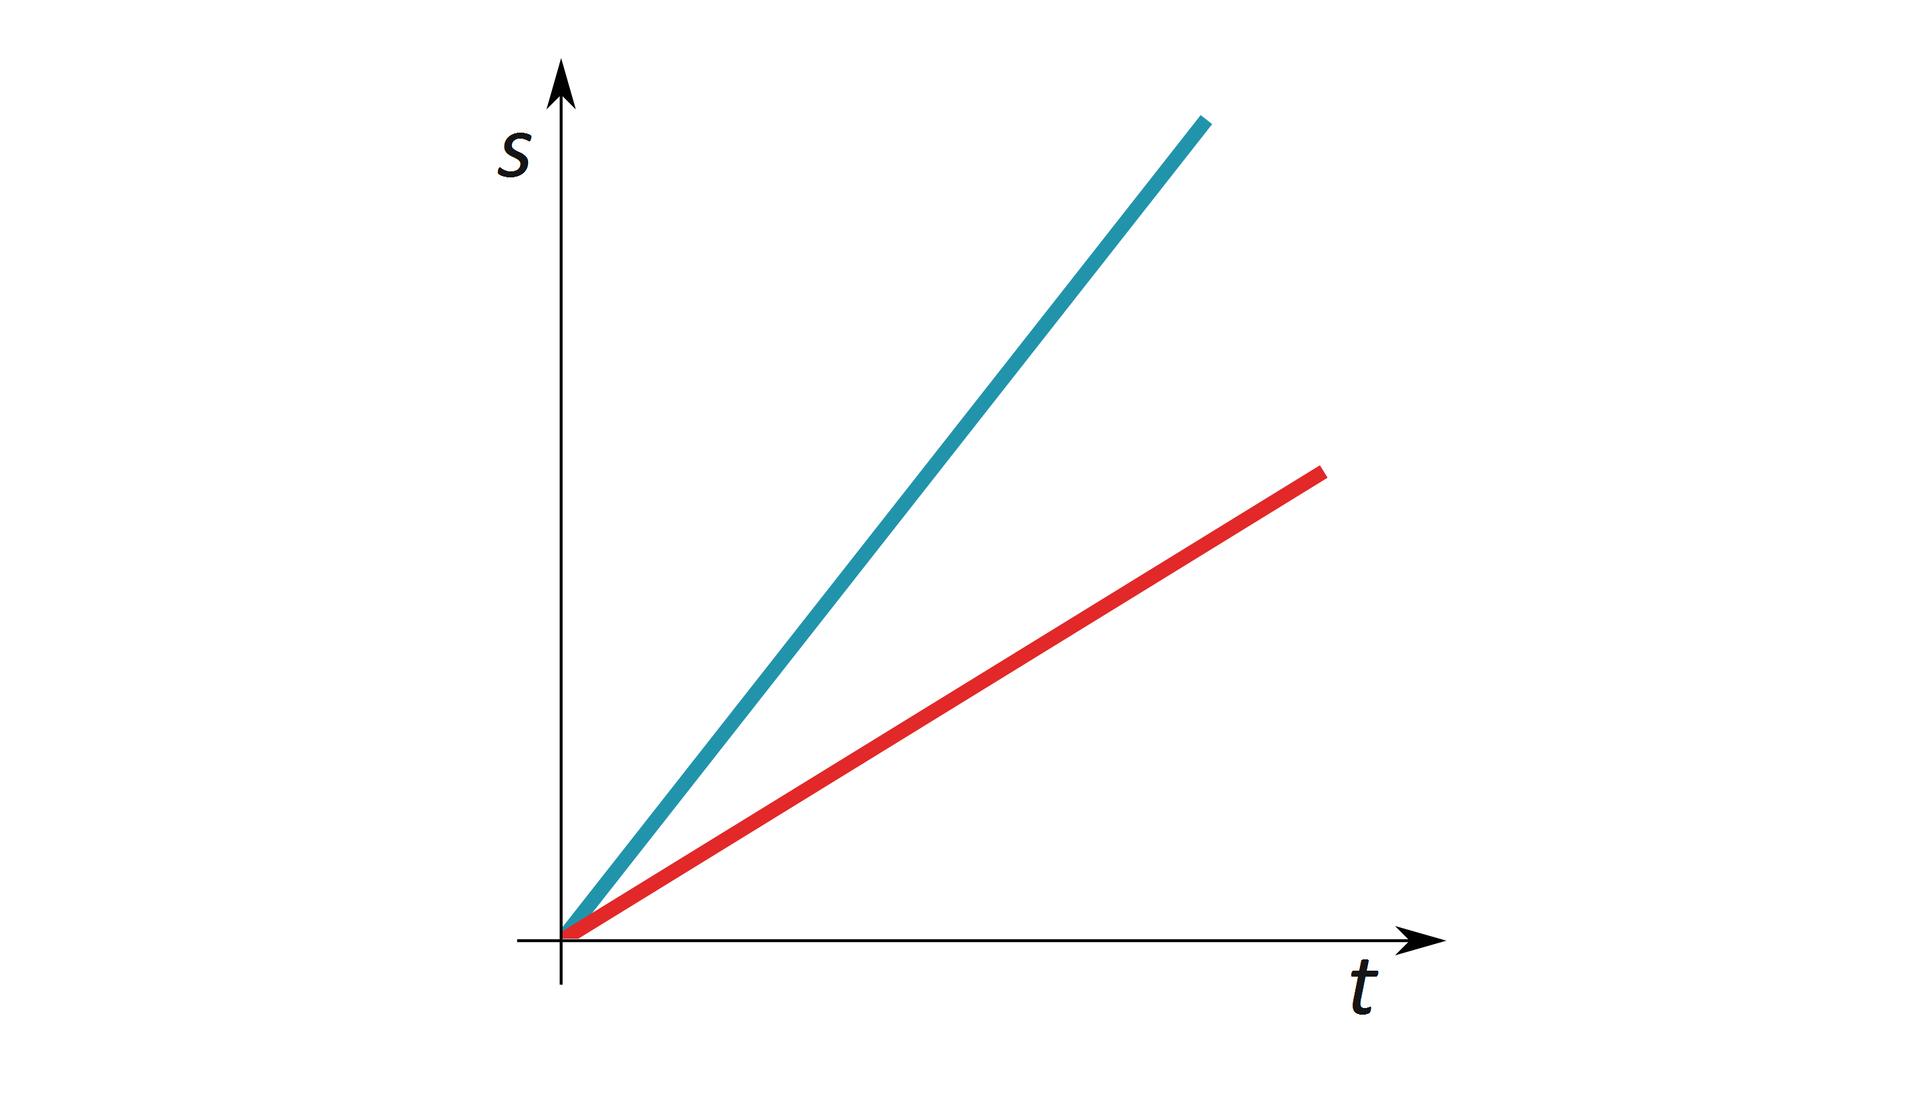 """Schemat przedstawia wykres. Tło białe. Oś odciętych opisana jako """"t,"""". Oś rzędnych opisana jako v"""". Na wykresie widoczne dwa odcinki: niebieski iczerwony. Oba mają początek wpoczątku układu współrzędnych. Odcinek niebieski leży względem osi odciętych pod kątem ok. 45 stopni. Odcinek czerwony leży względem osi odciętych pod ostrzejszym kątem."""